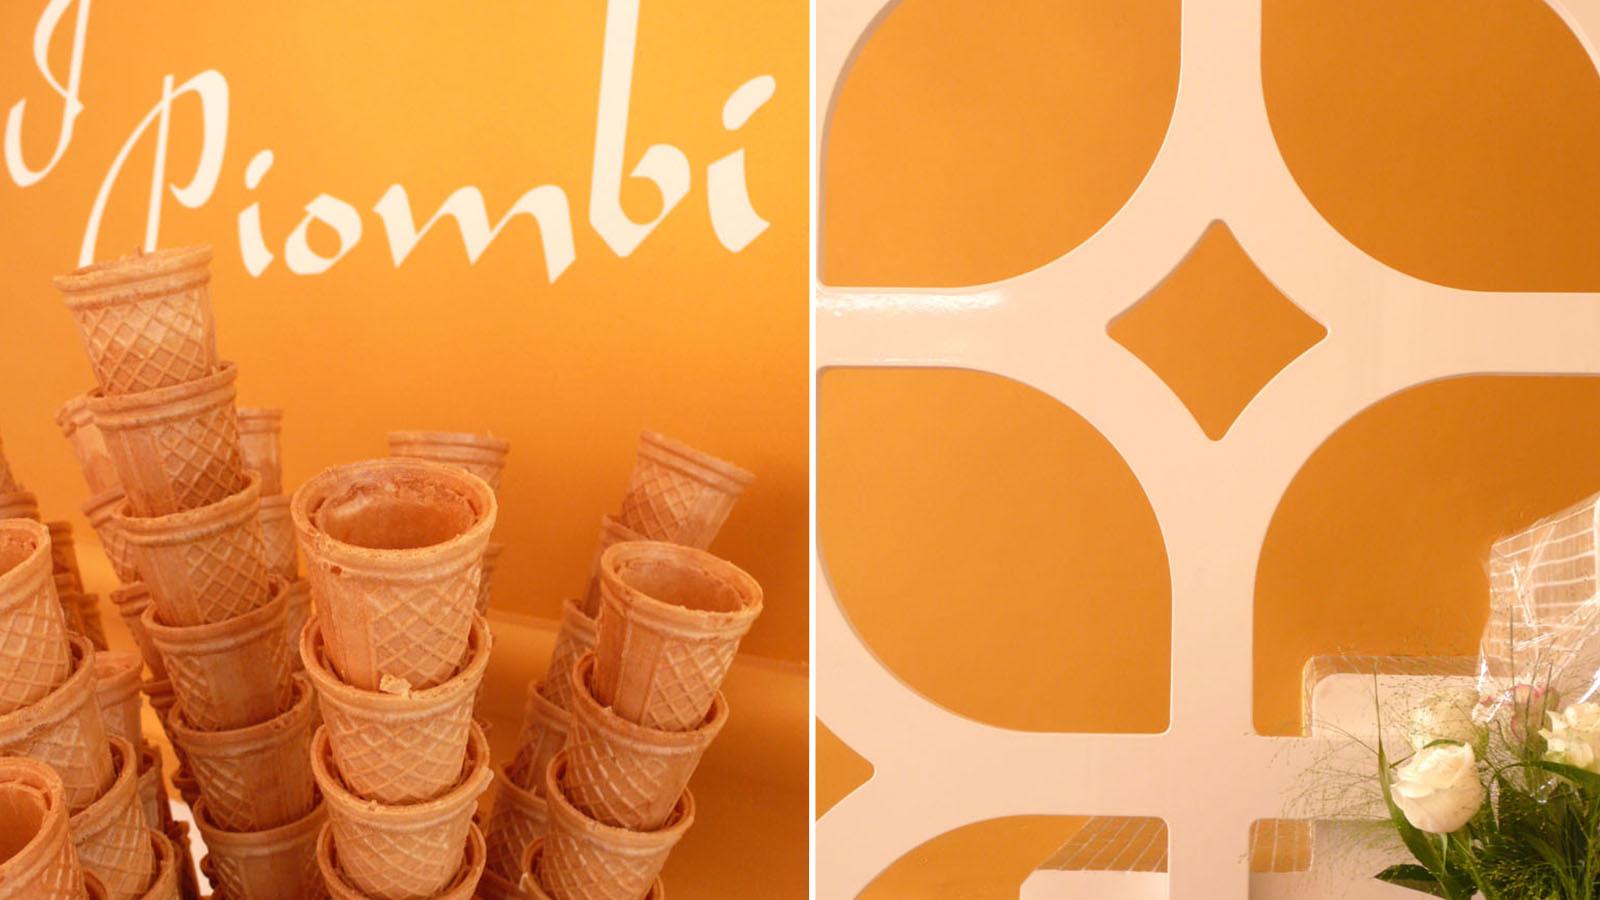 piombi-texture